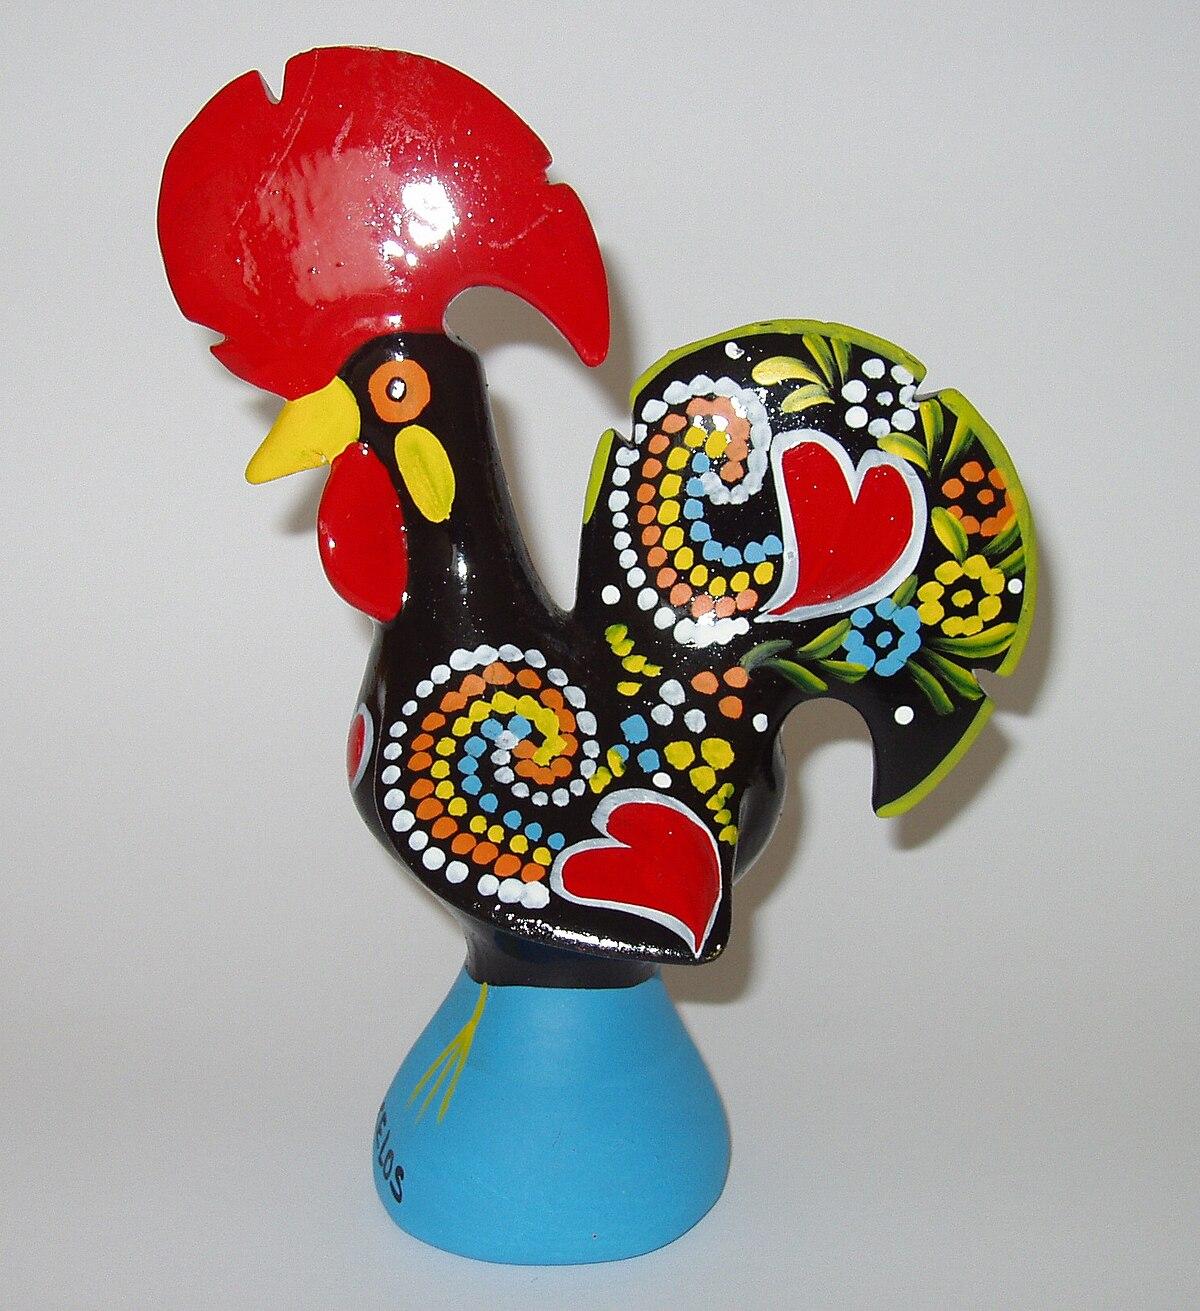 El gallo de barcelos